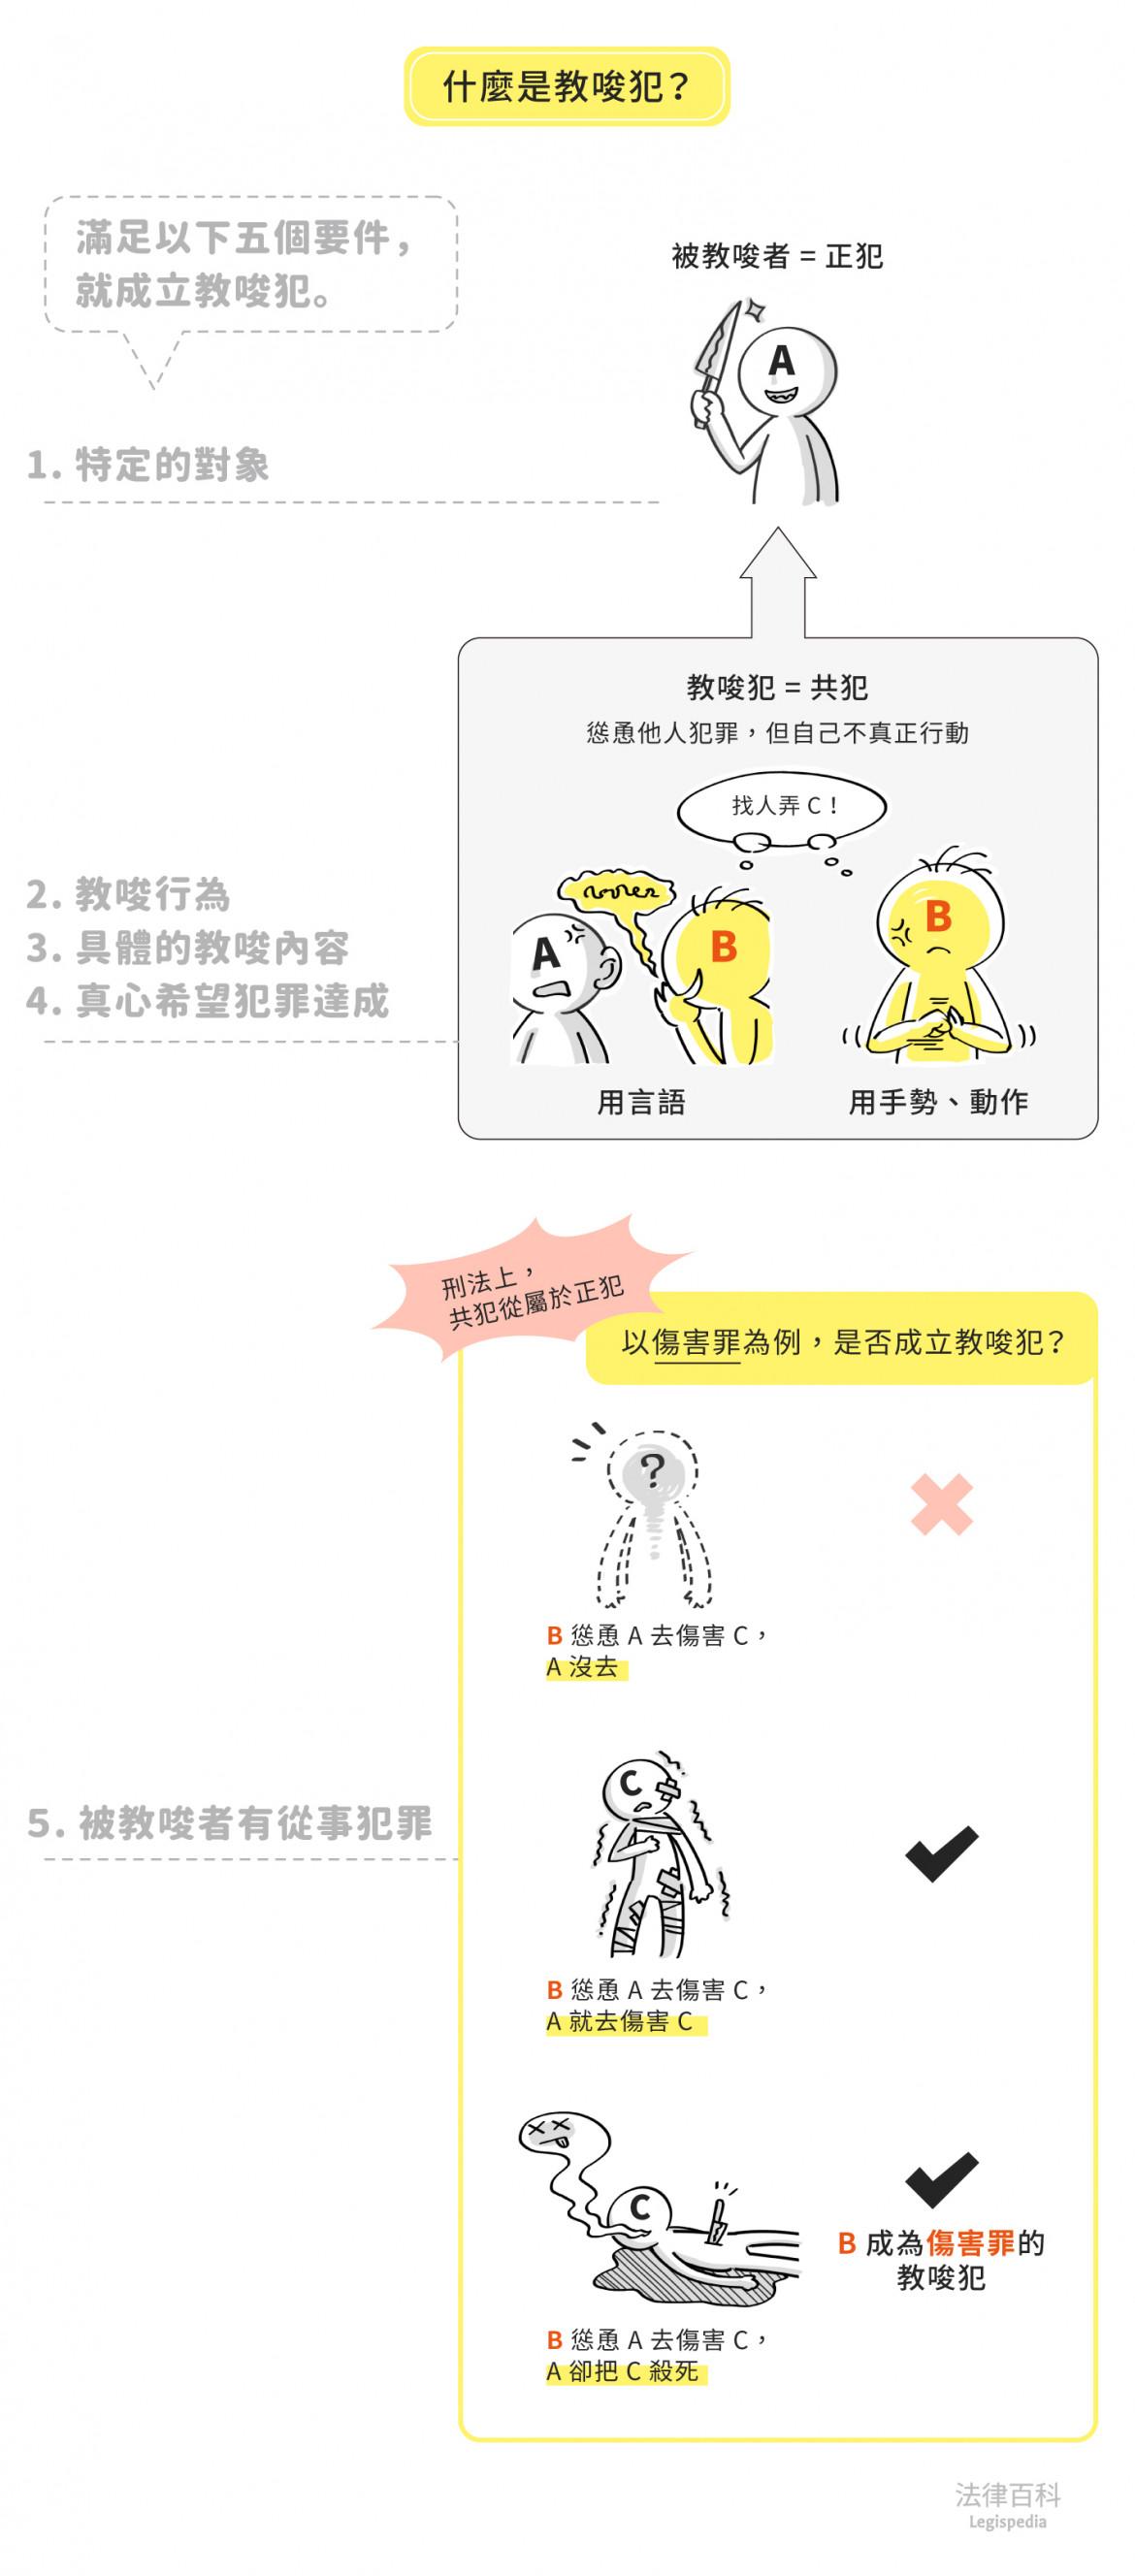 圖1 什麼是教唆犯?  資料來源:劉立耕 / 繪圖:Yen